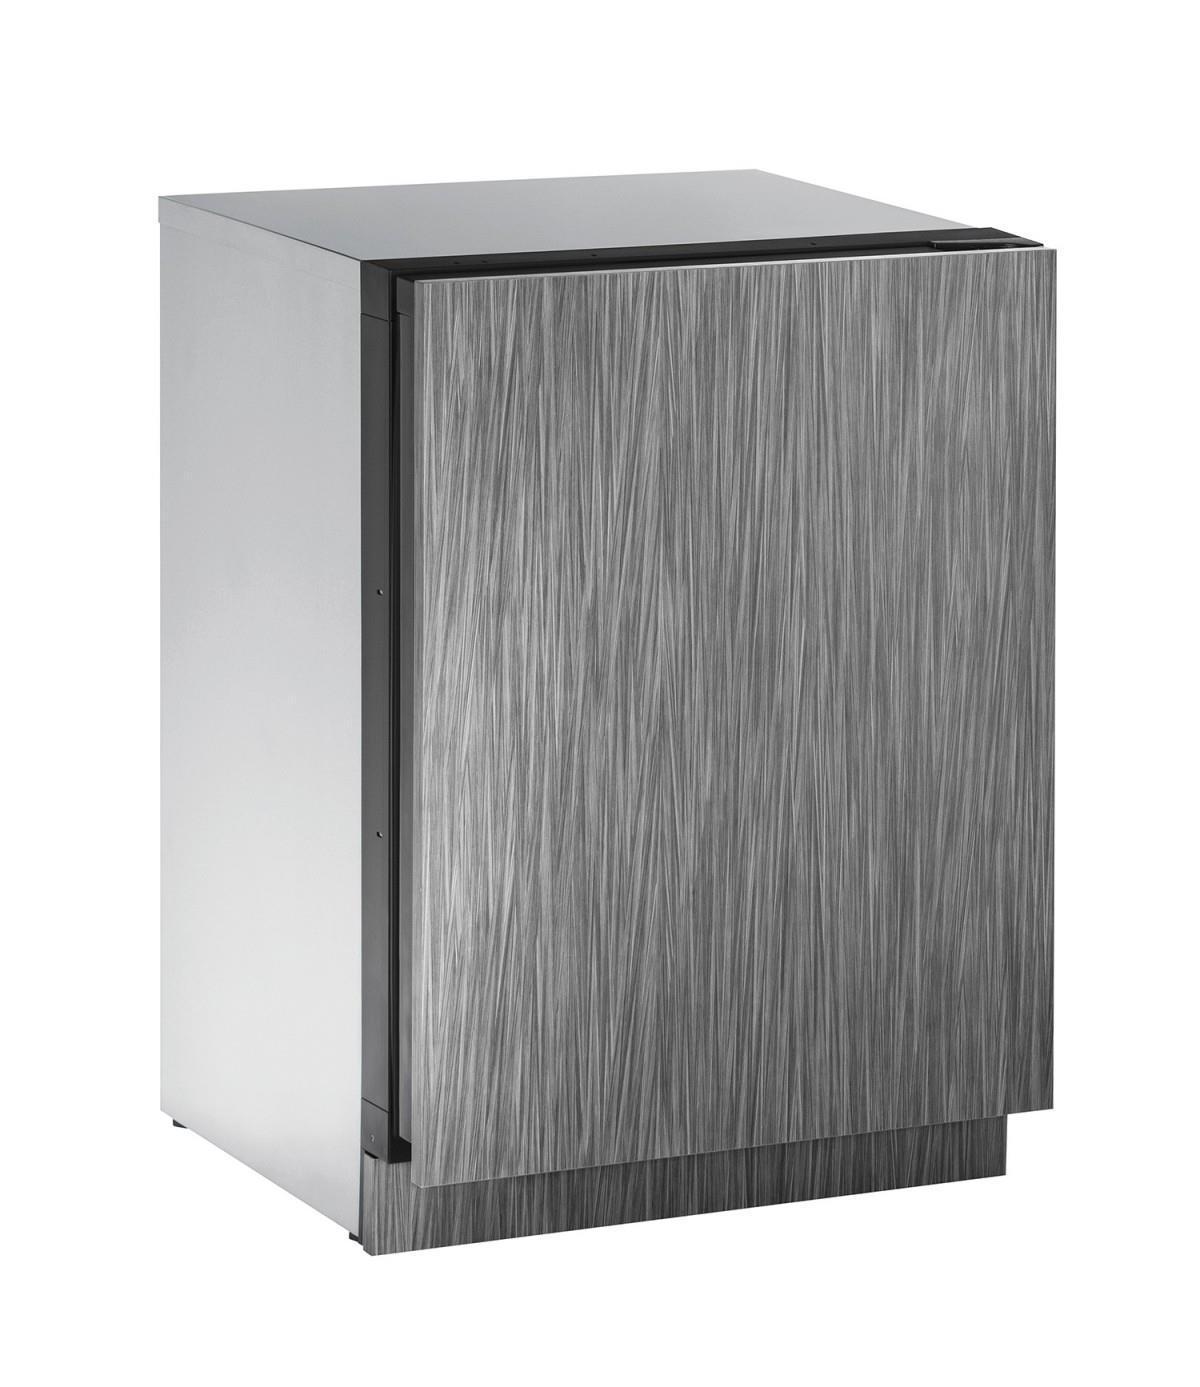 U-Line Refrigerators 4.9 Cu. Ft. 2000 Series Compact Refrigerator - Item Number: U-2224RINT-00A